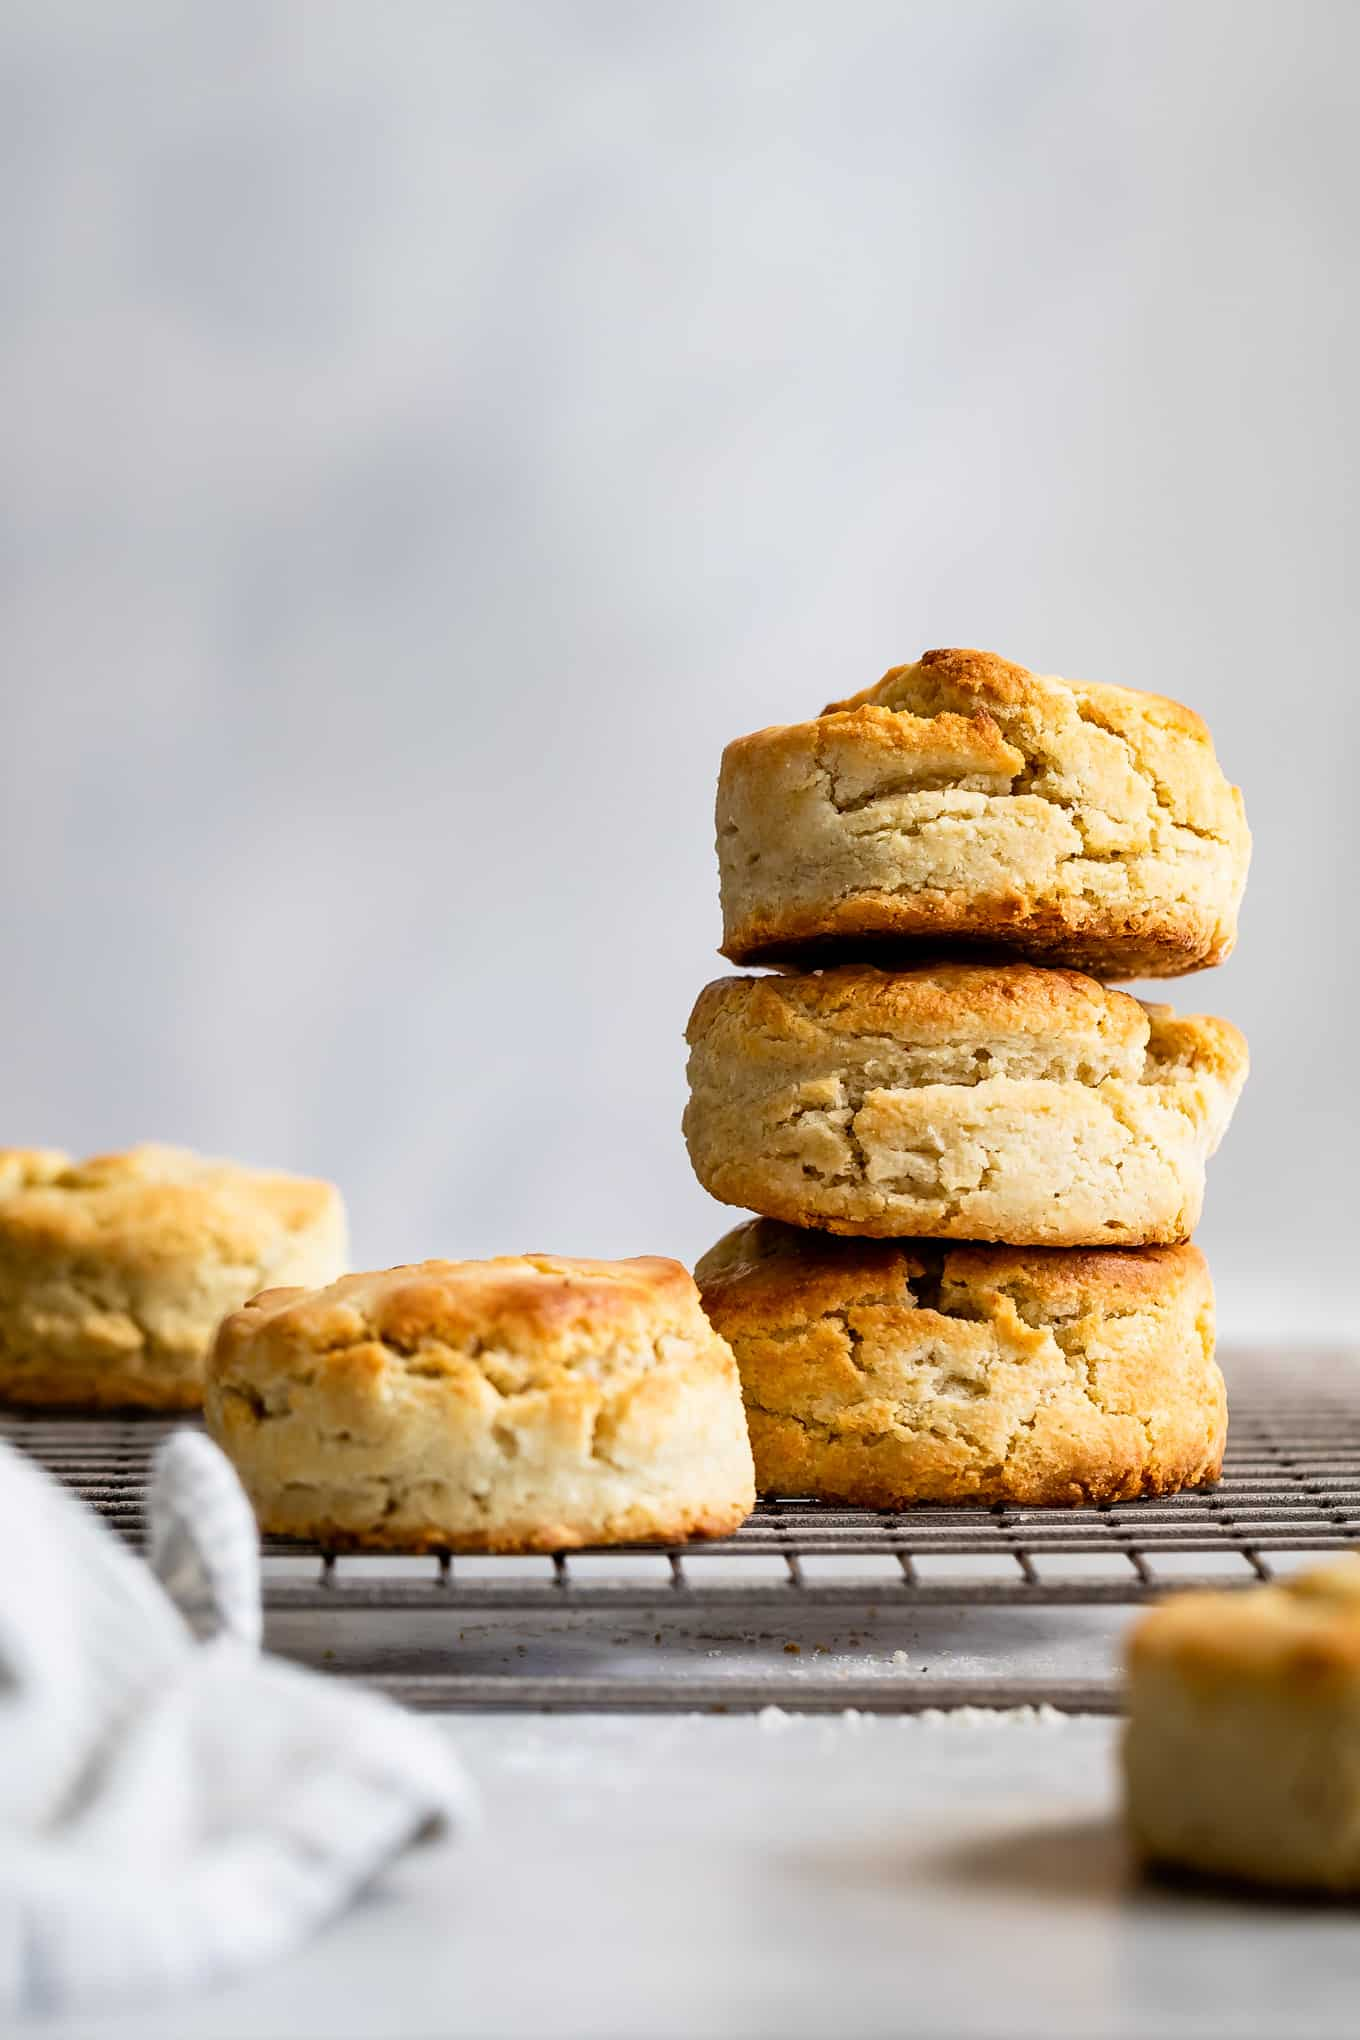 Gluten-Free Biscuit Recipe